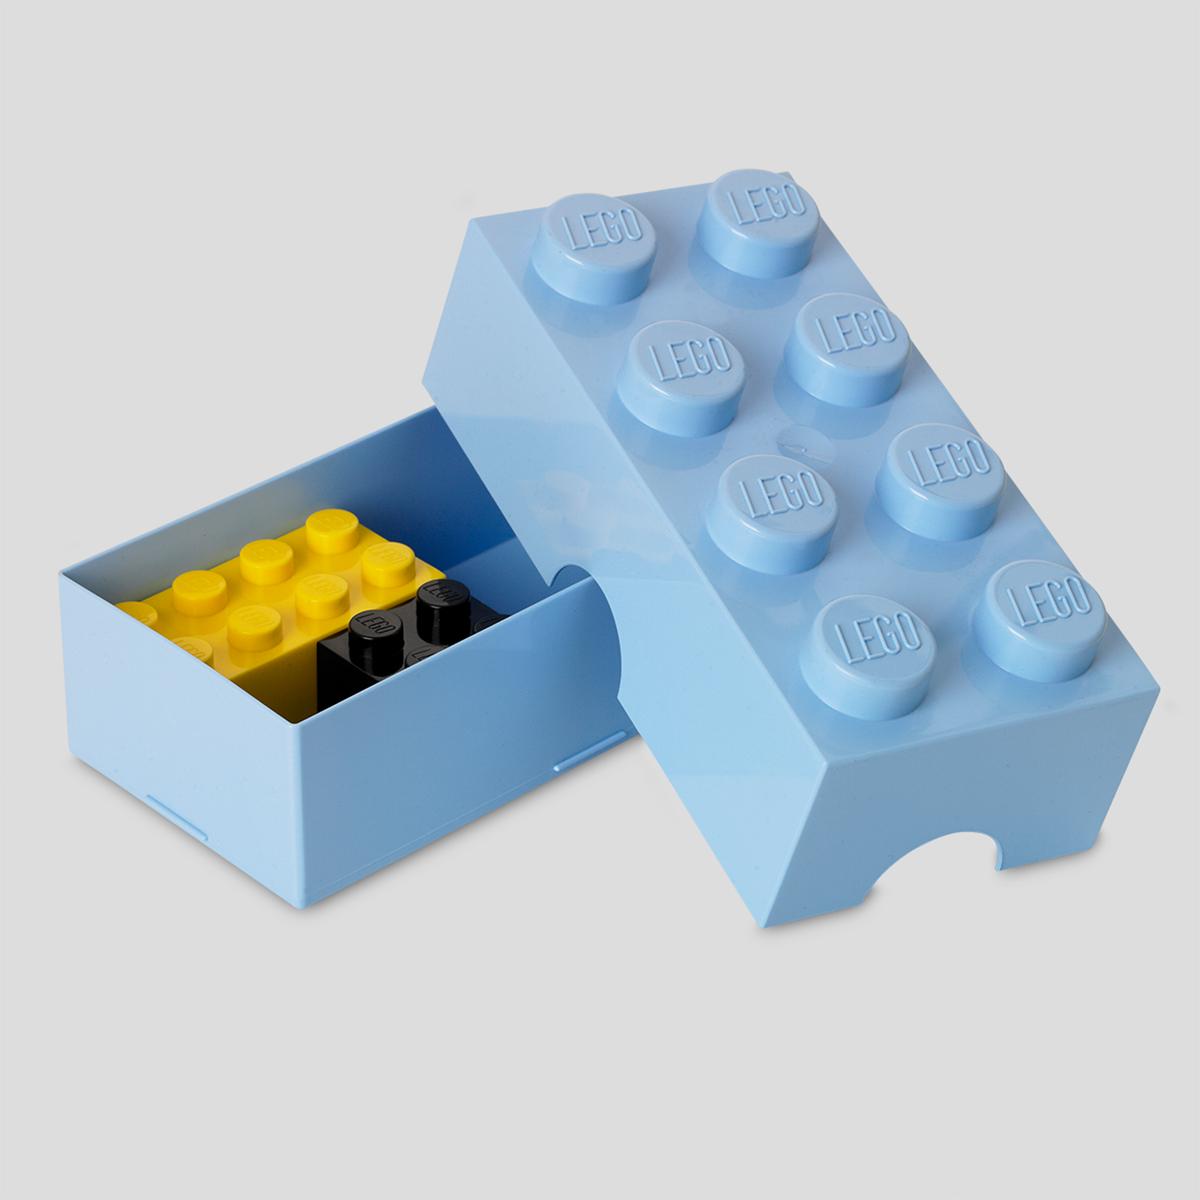 Caixas Lego